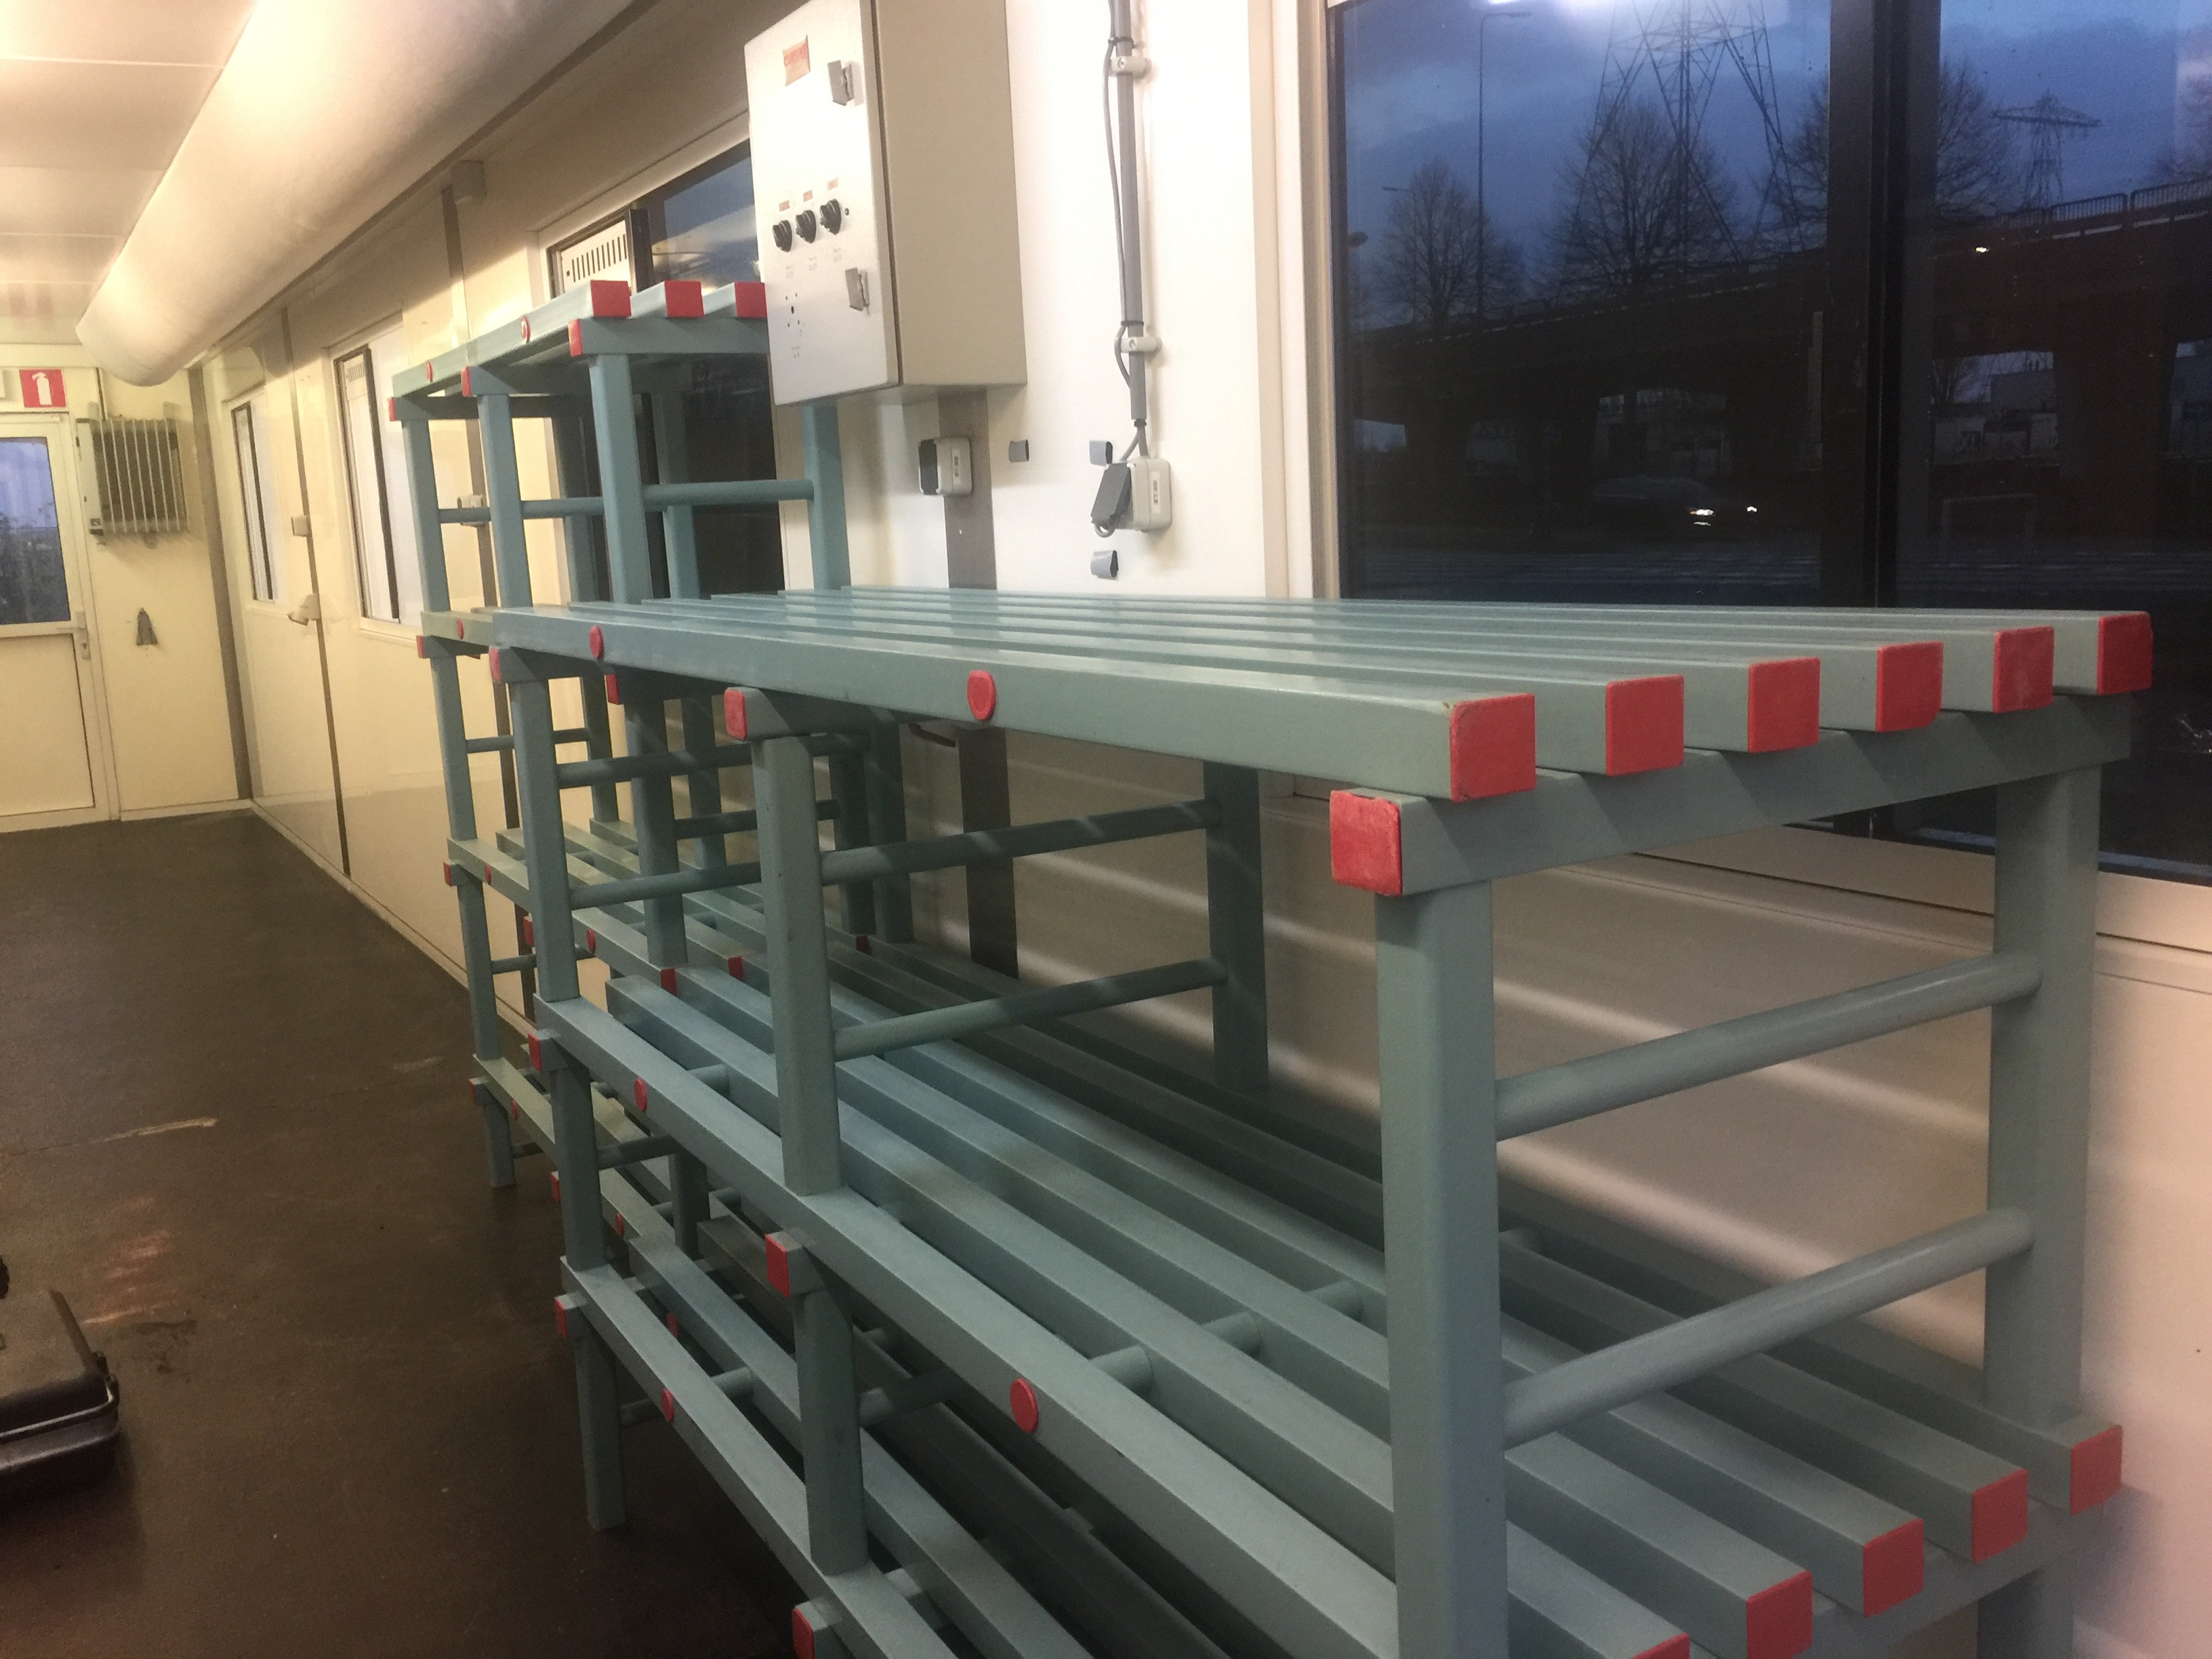 Mobiele Keuken Huren : Mobiele keuken unit meter funfactory verhuur